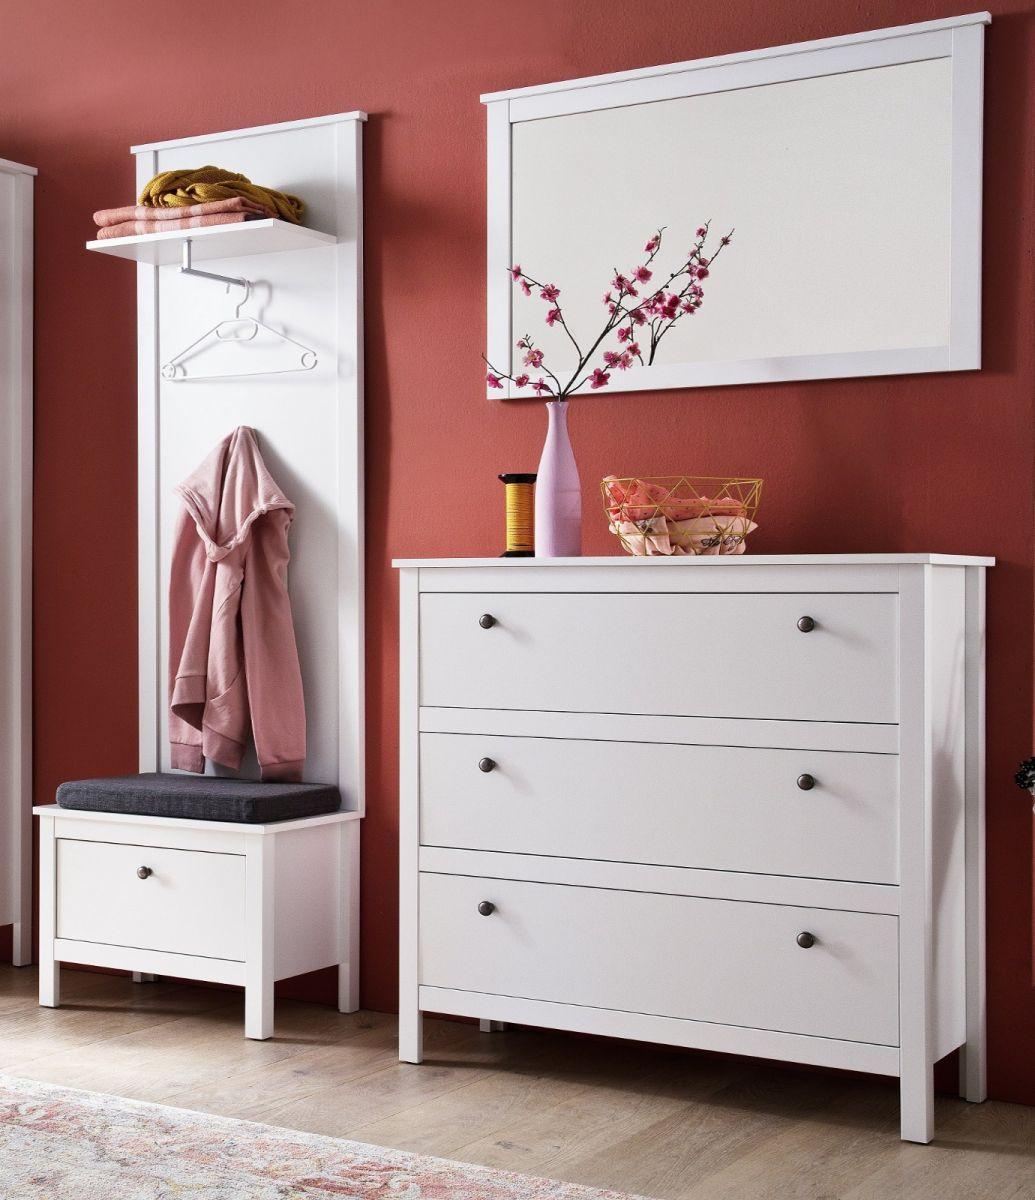 Garderobe Set Ole weiss 4-teilig 160 cm